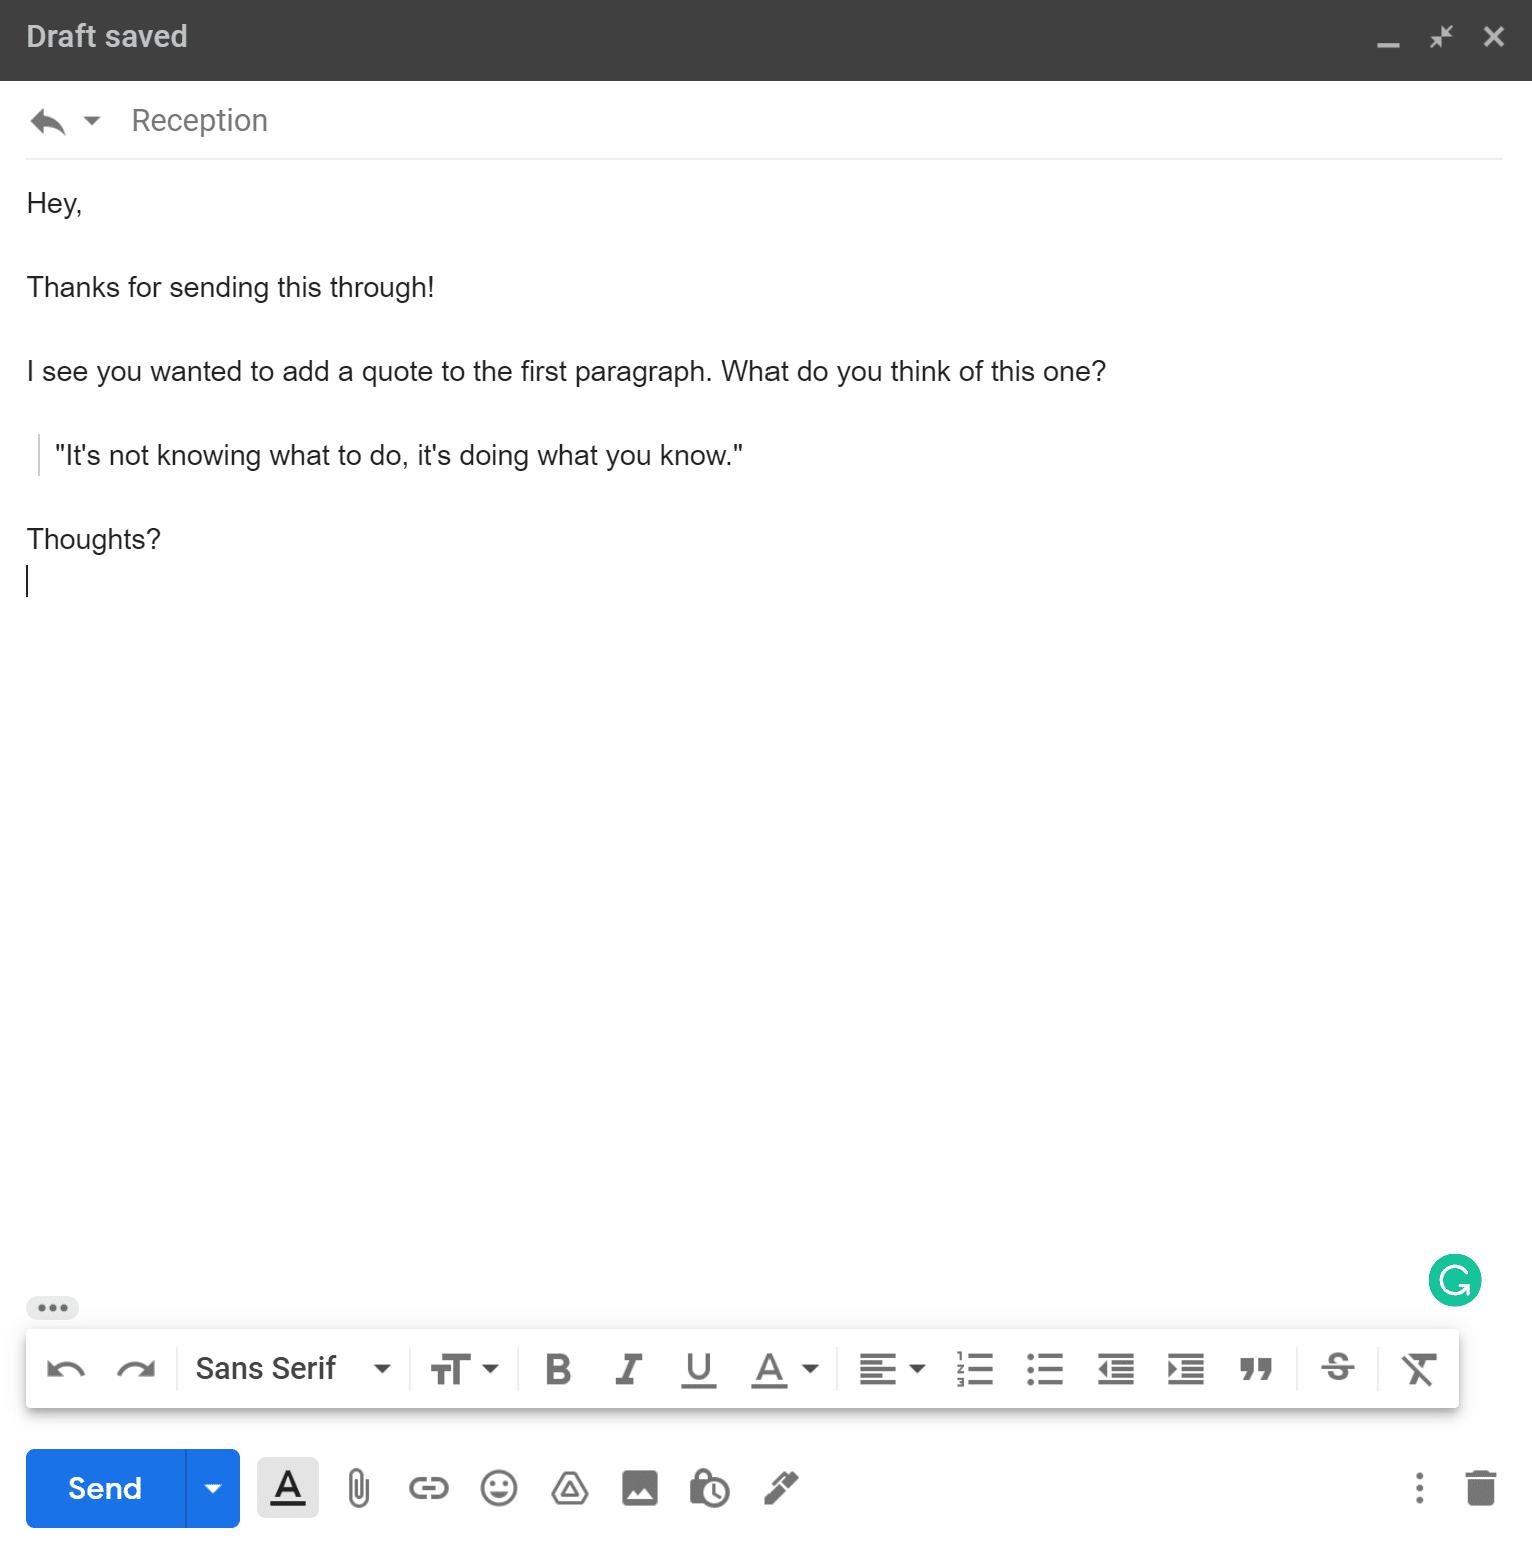 El correo electrónico de muestra muestra la sangría en el texto y el formato de la cita del marco.